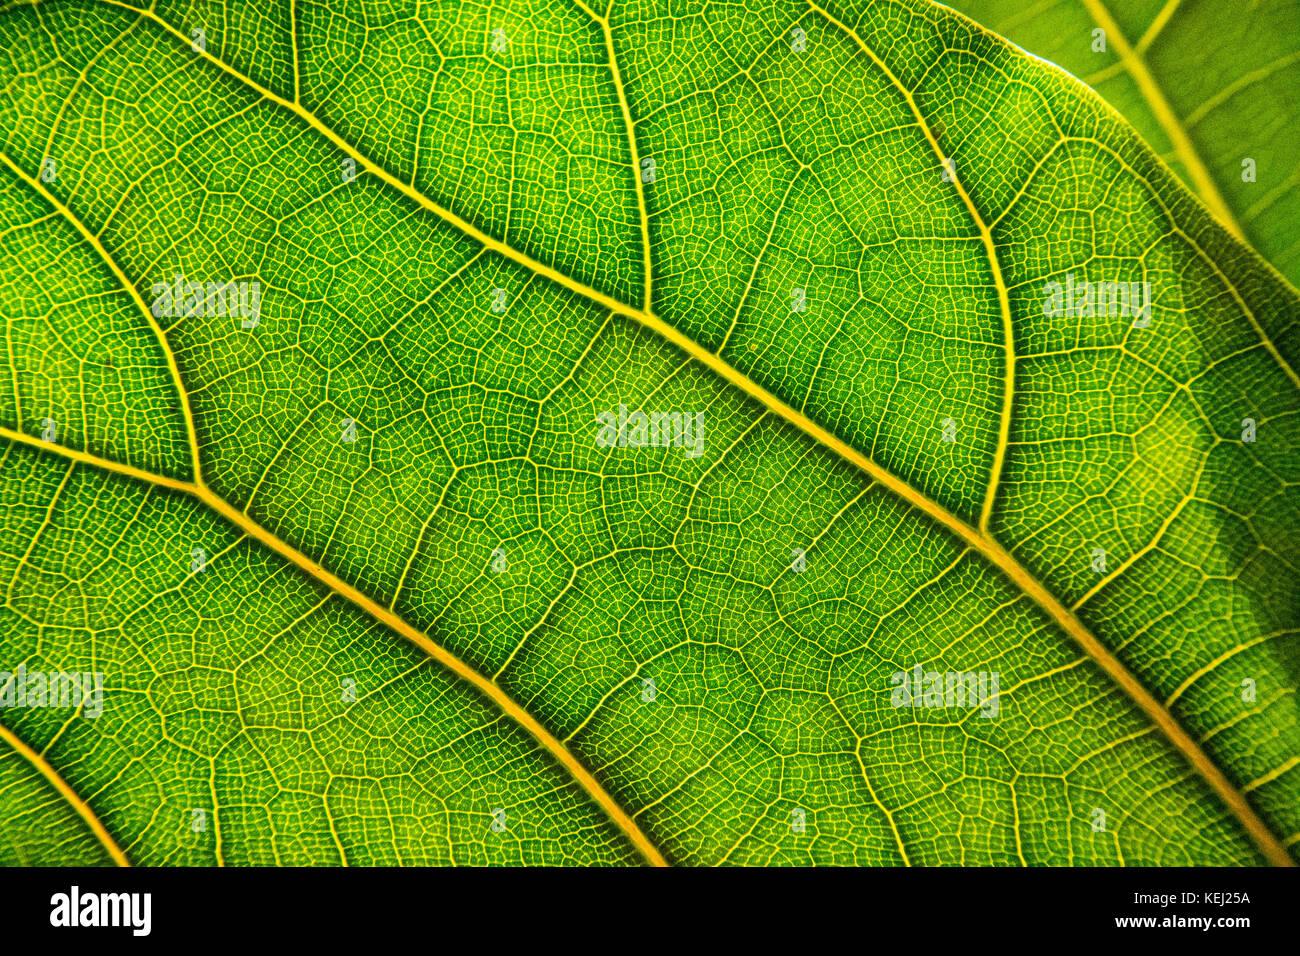 Vert feuille en close-up, montrant des veines. Photo Stock